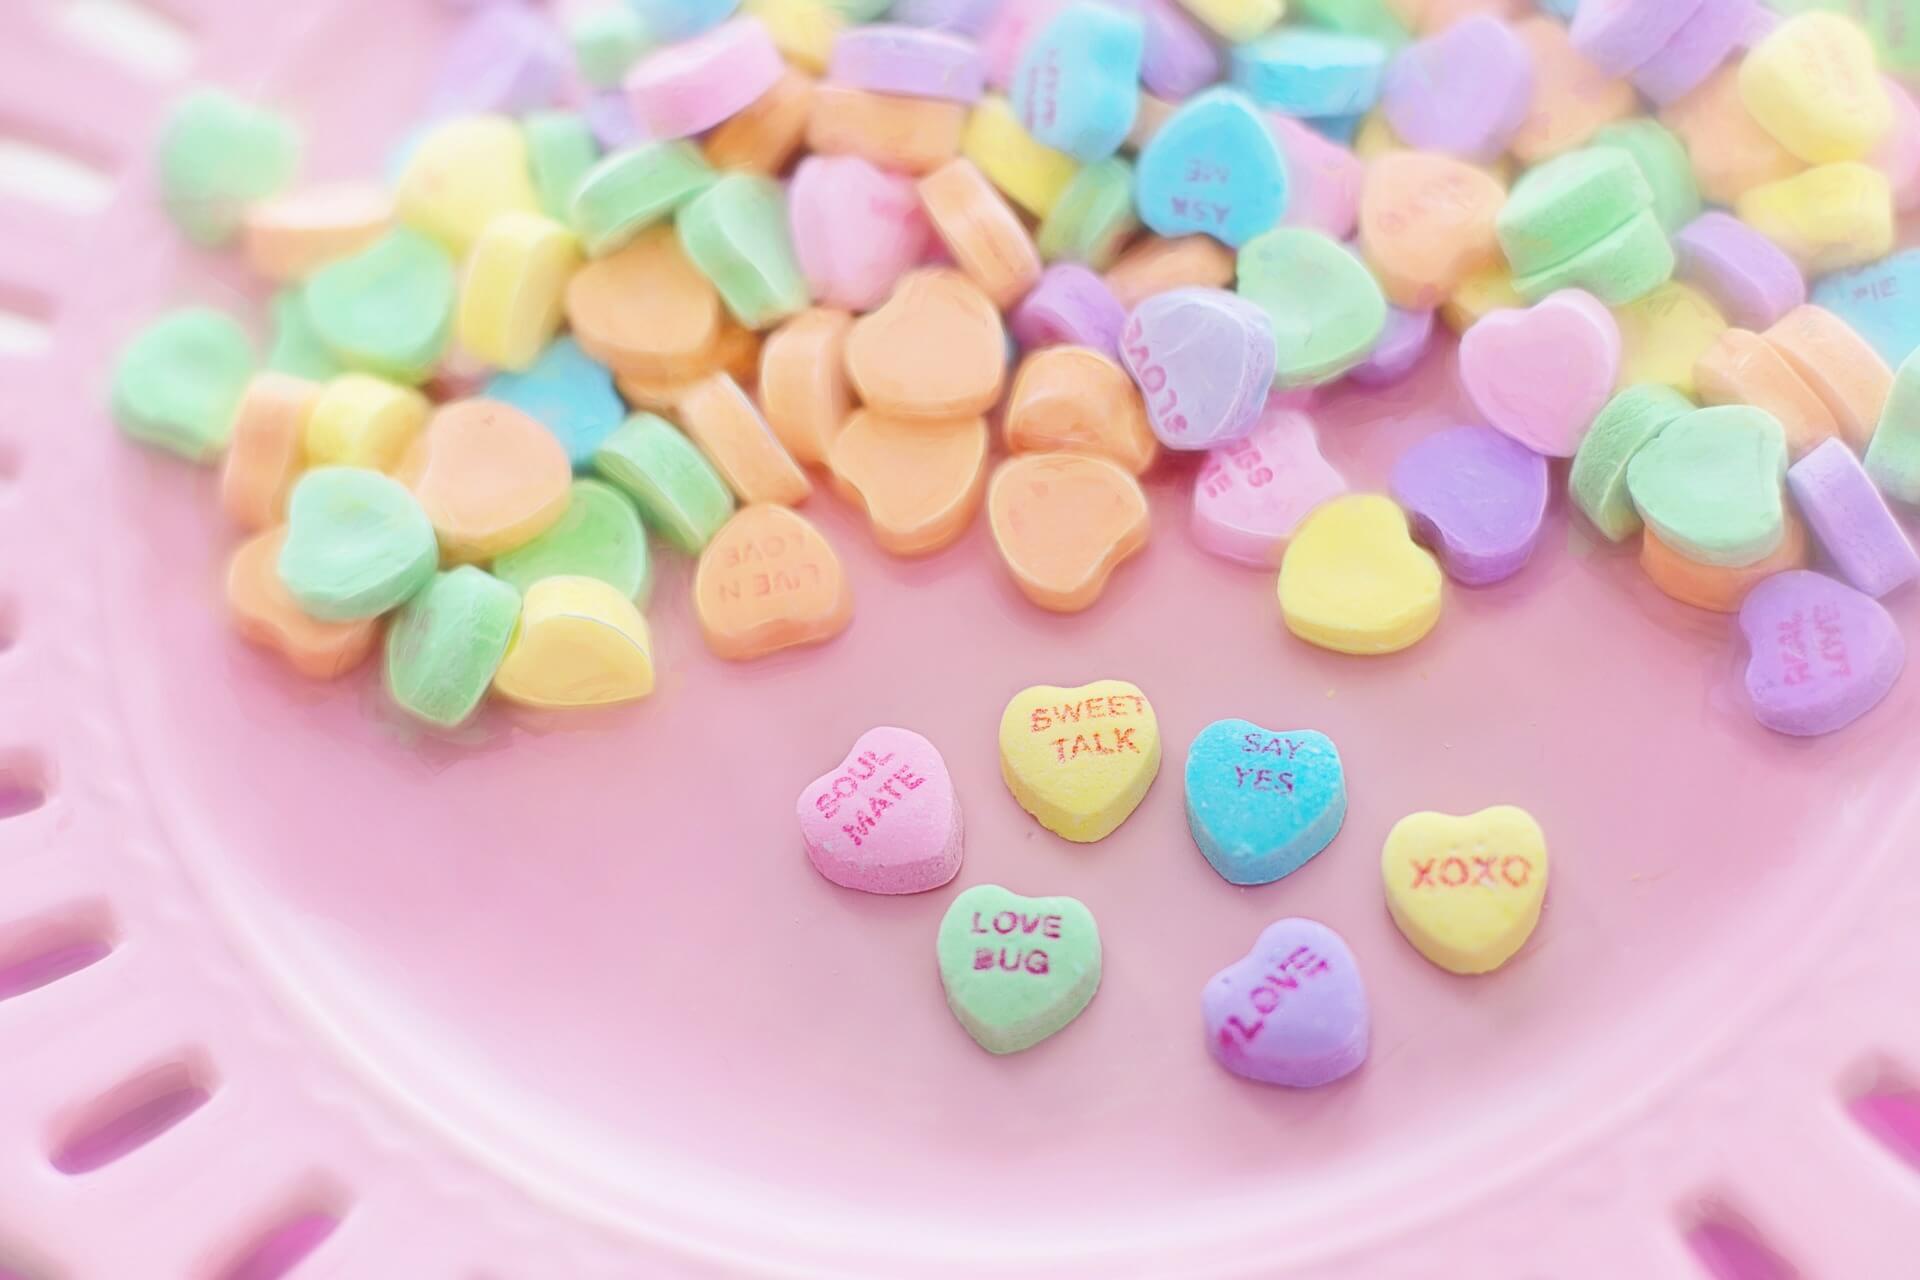 バレンタインの思い出をインスタグラムでシェア!インスタグラムキャンペーン事例【バレンタイン編】